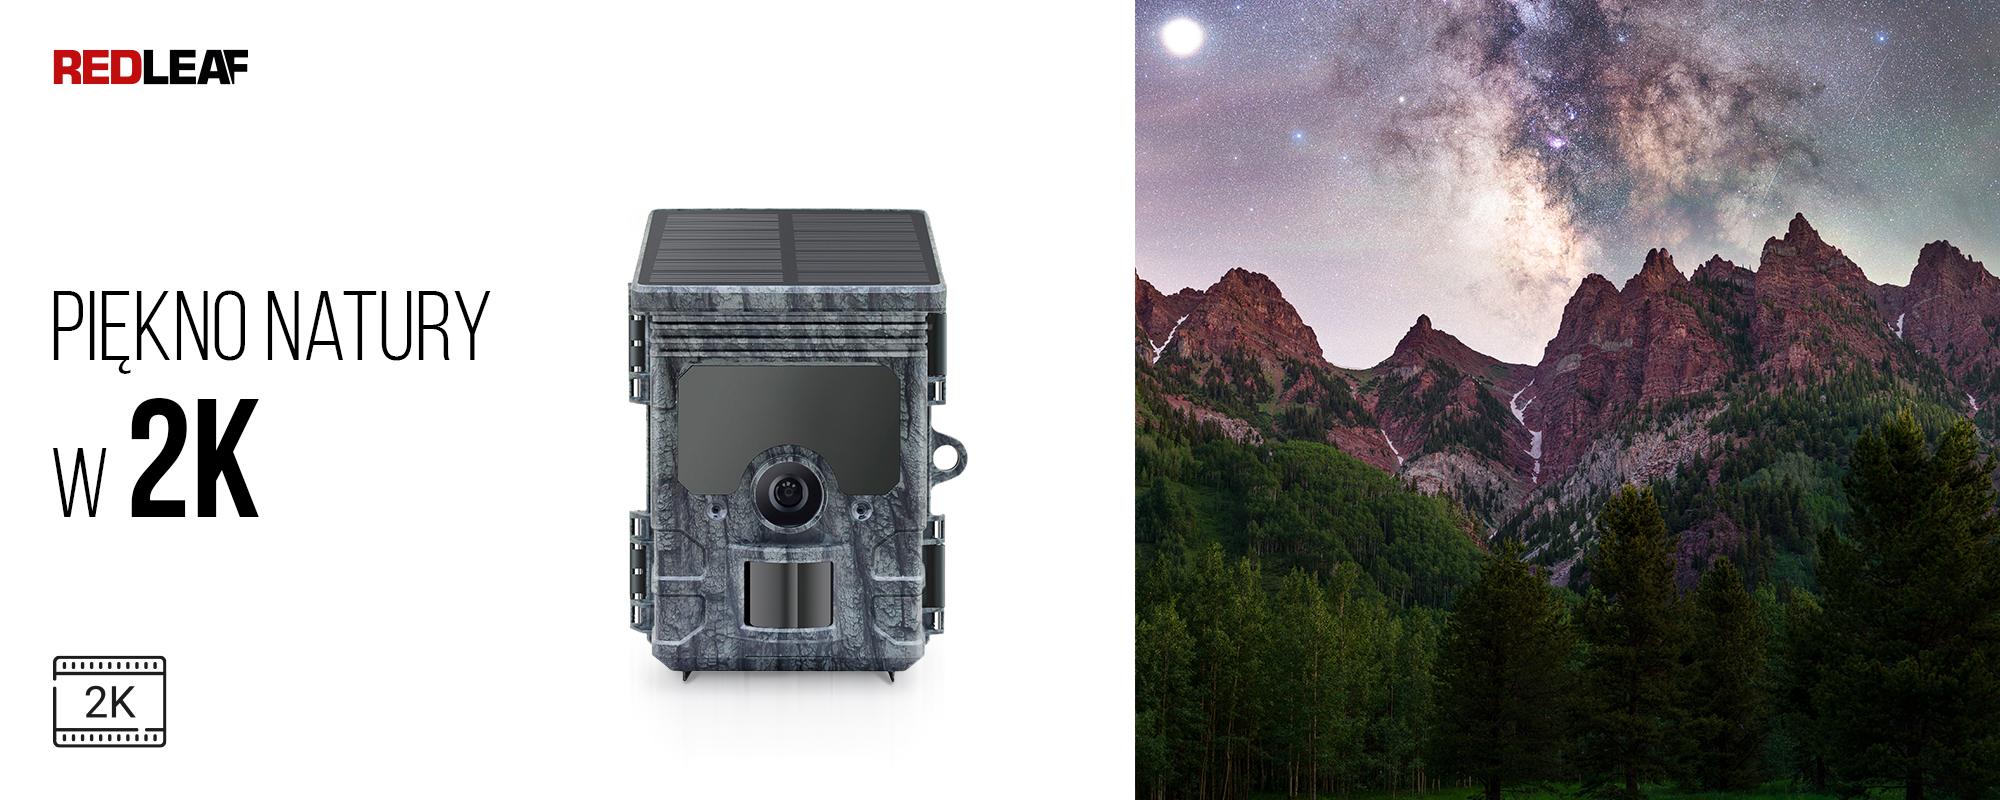 Kamera obserwacyjna z panelem słonecznym Redleaf RD7000 WiFi oraz gwieździste niebo i góry